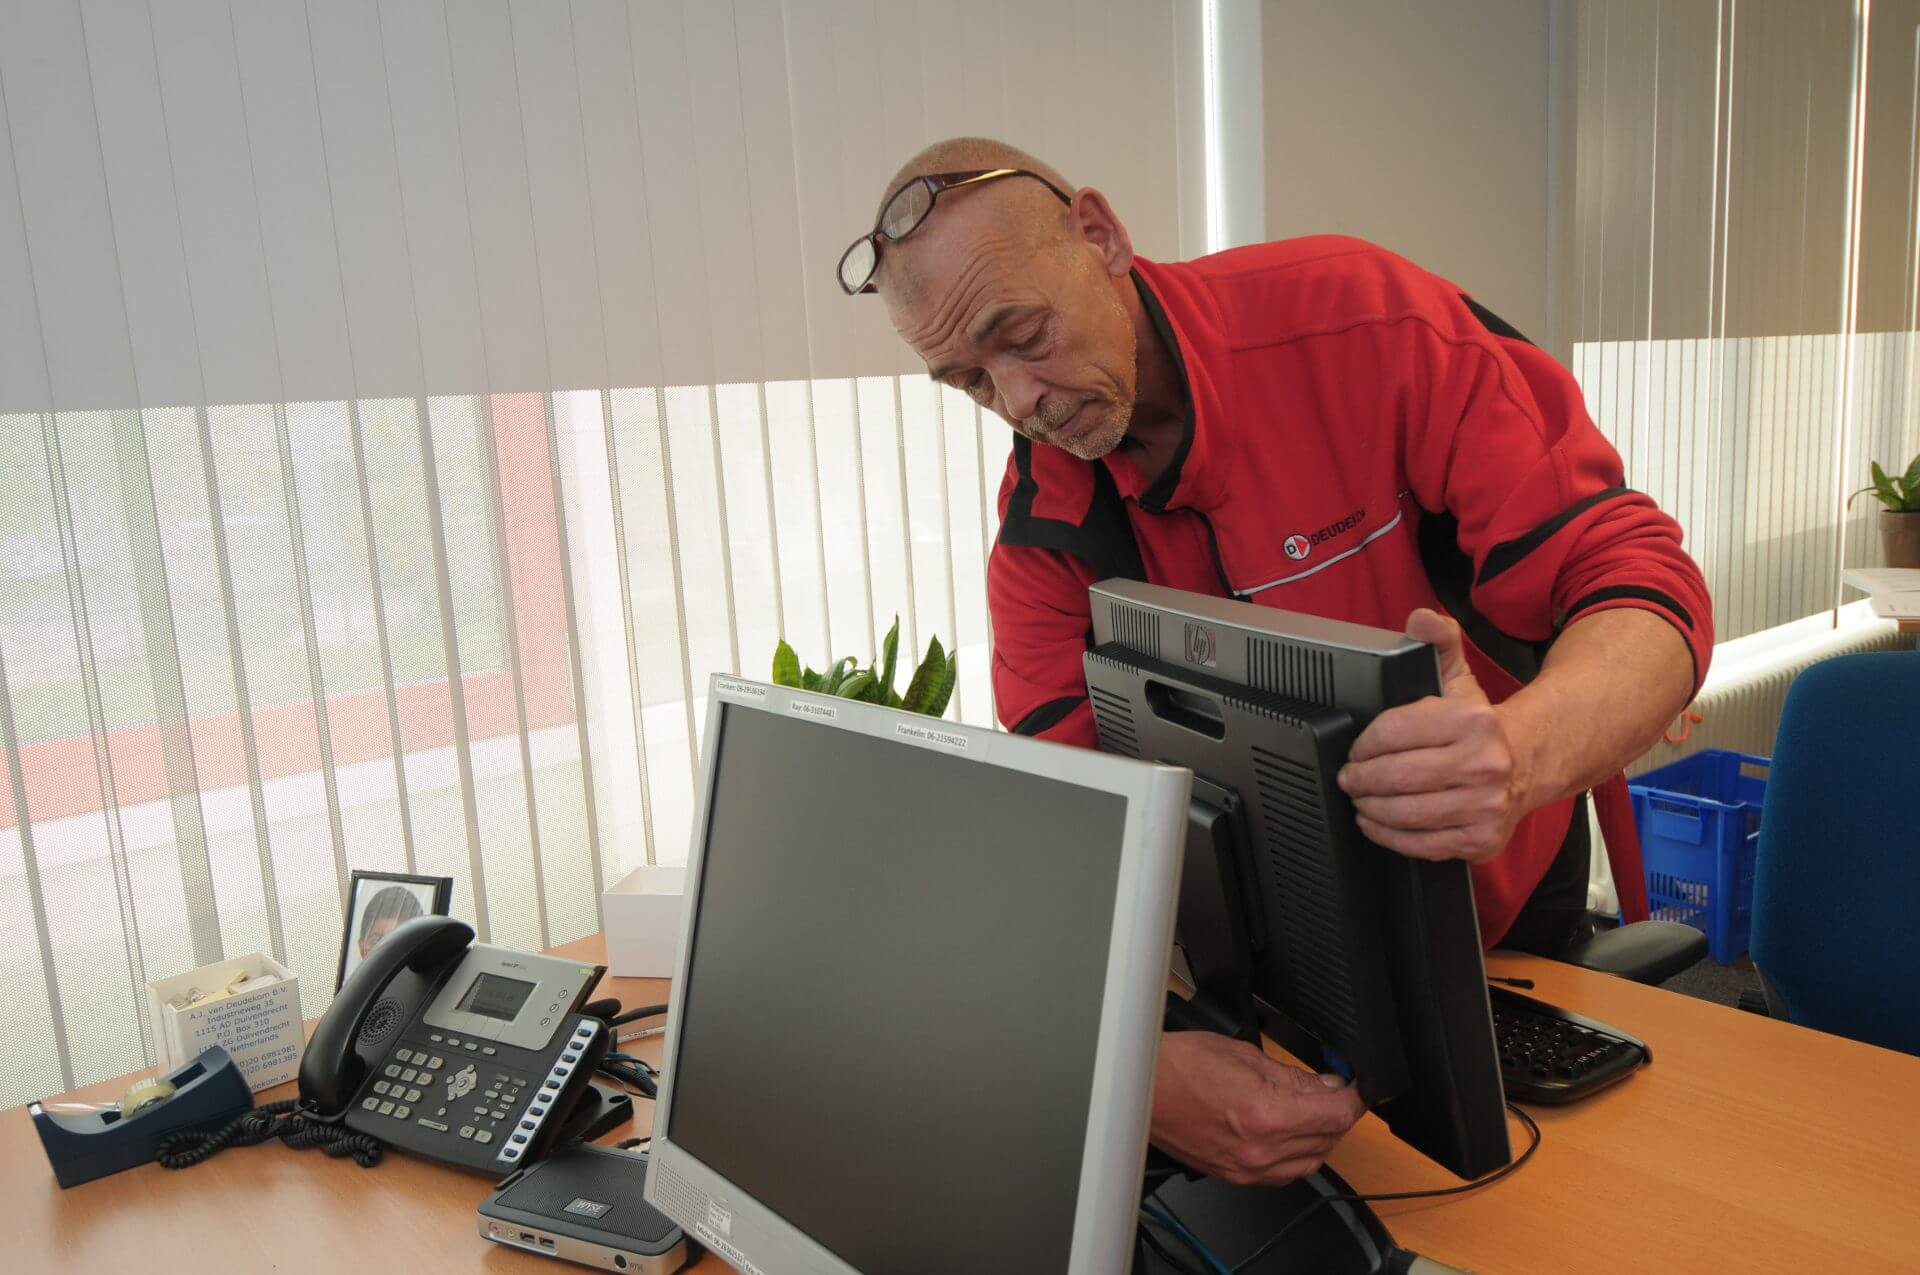 Deudekom kantoorverhuizingen handymandiensten